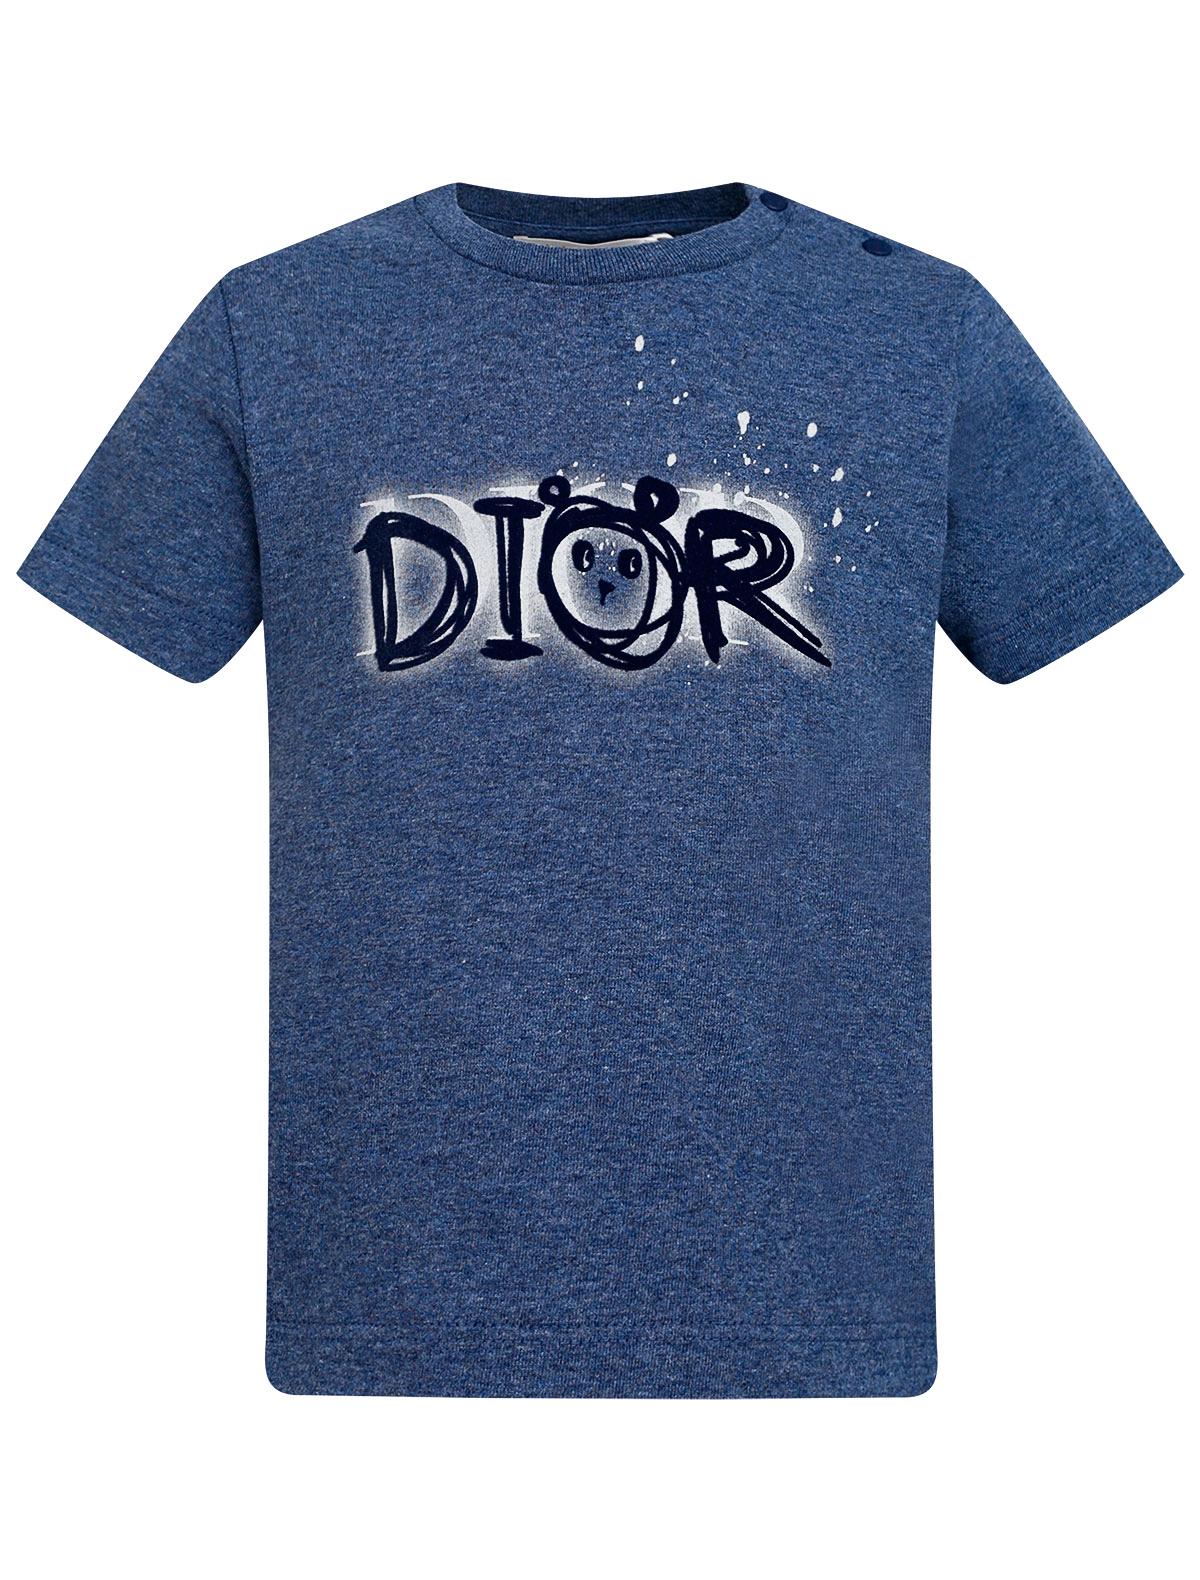 Купить 2305240, Футболка Dior, синий, Мужской, 1134619171604